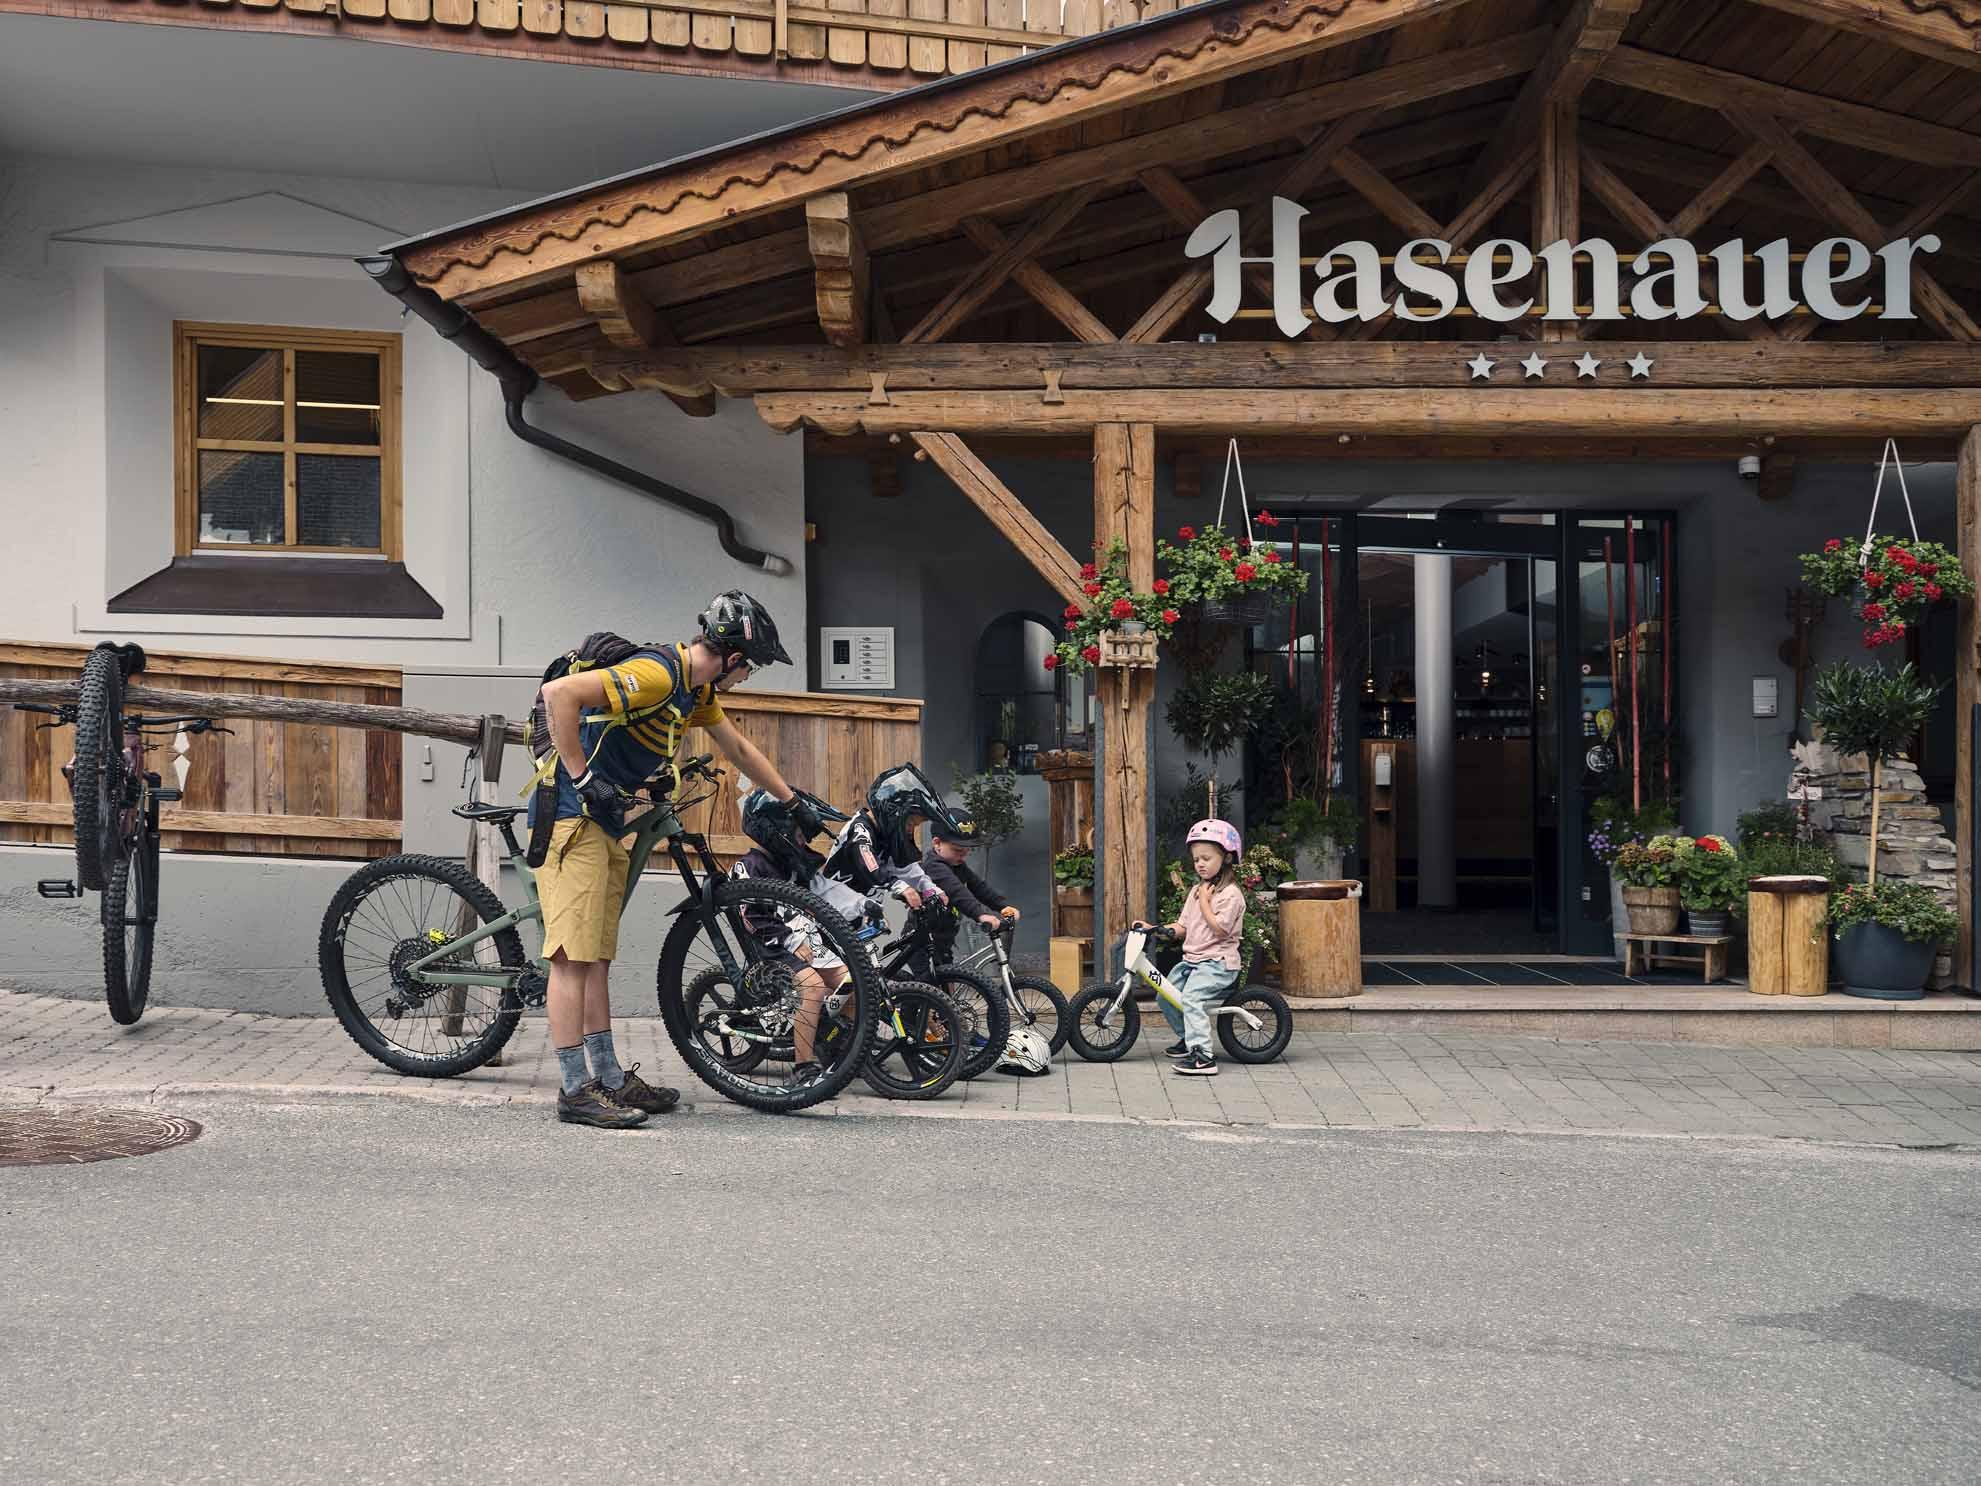 Kinder am Bike und ein erwachsener Biker stehen vor dem Hotel Hasenauer